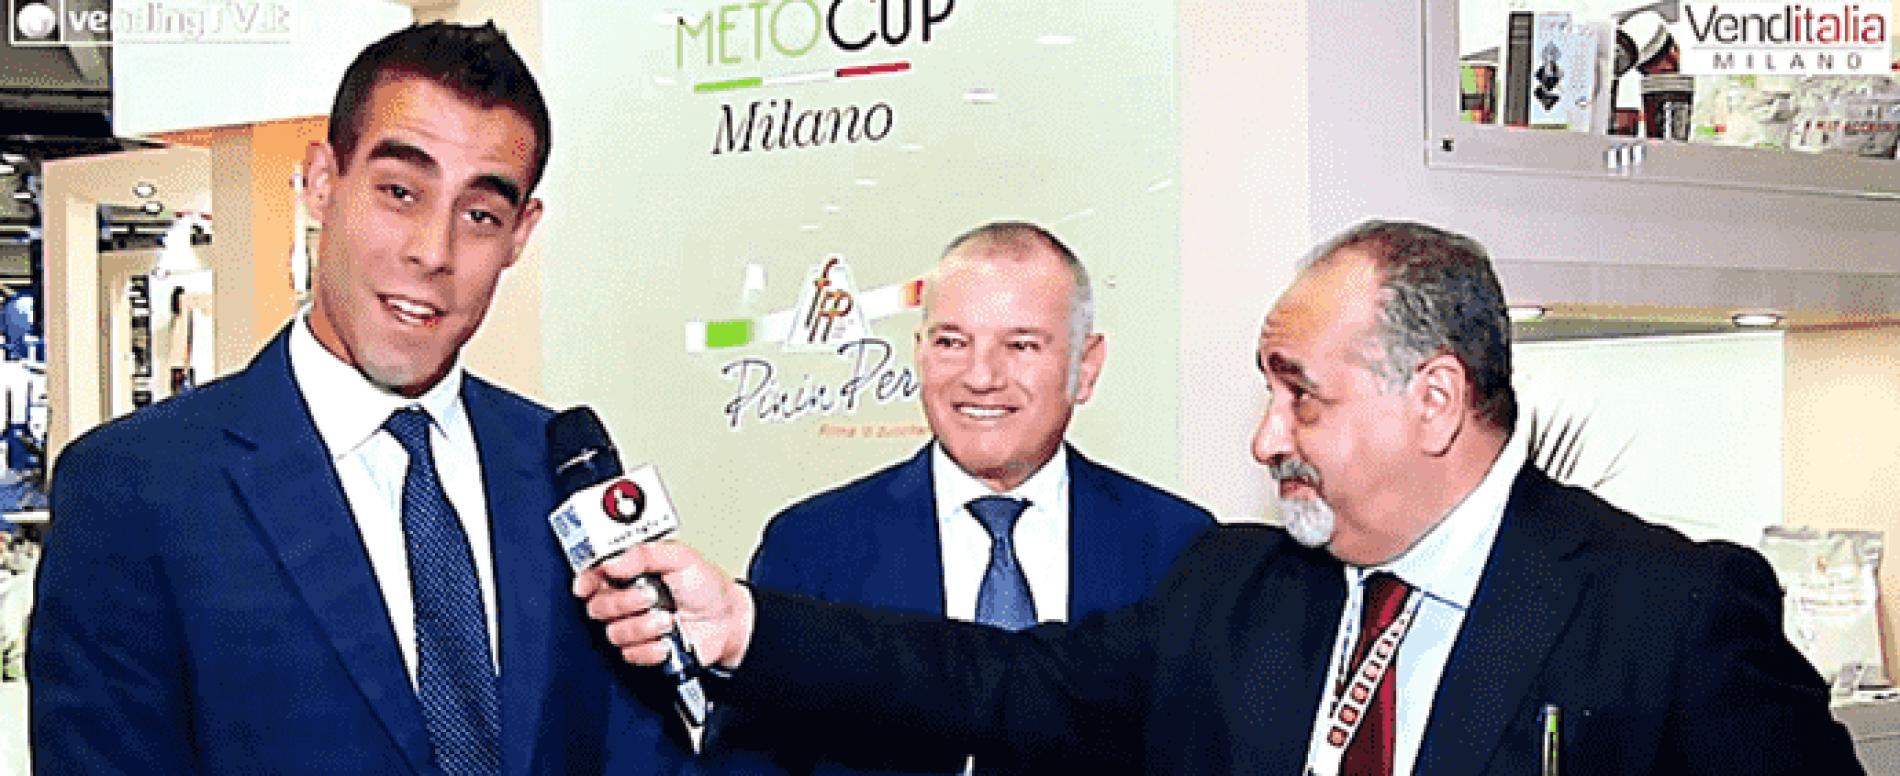 Venditalia 2018. Intervista agli stand Pinin Pero, Metocup e Divisione Vending